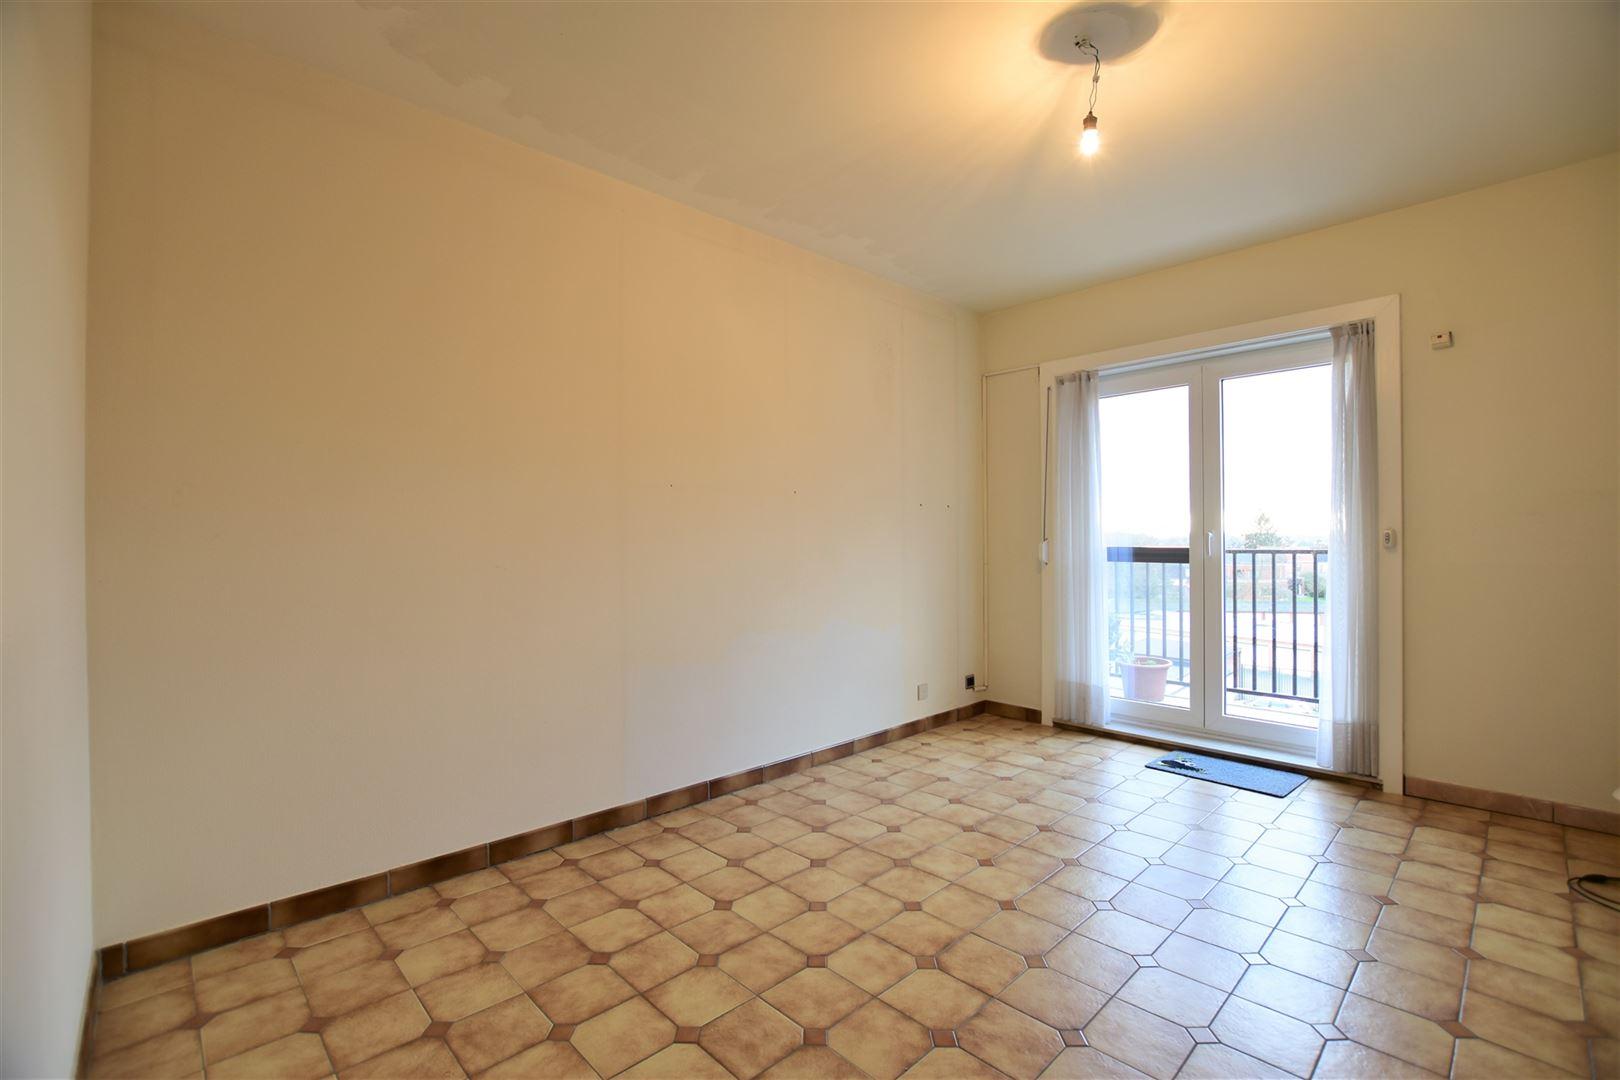 Foto 14 : Appartement te 9240 ZELE (België) - Prijs € 299.000